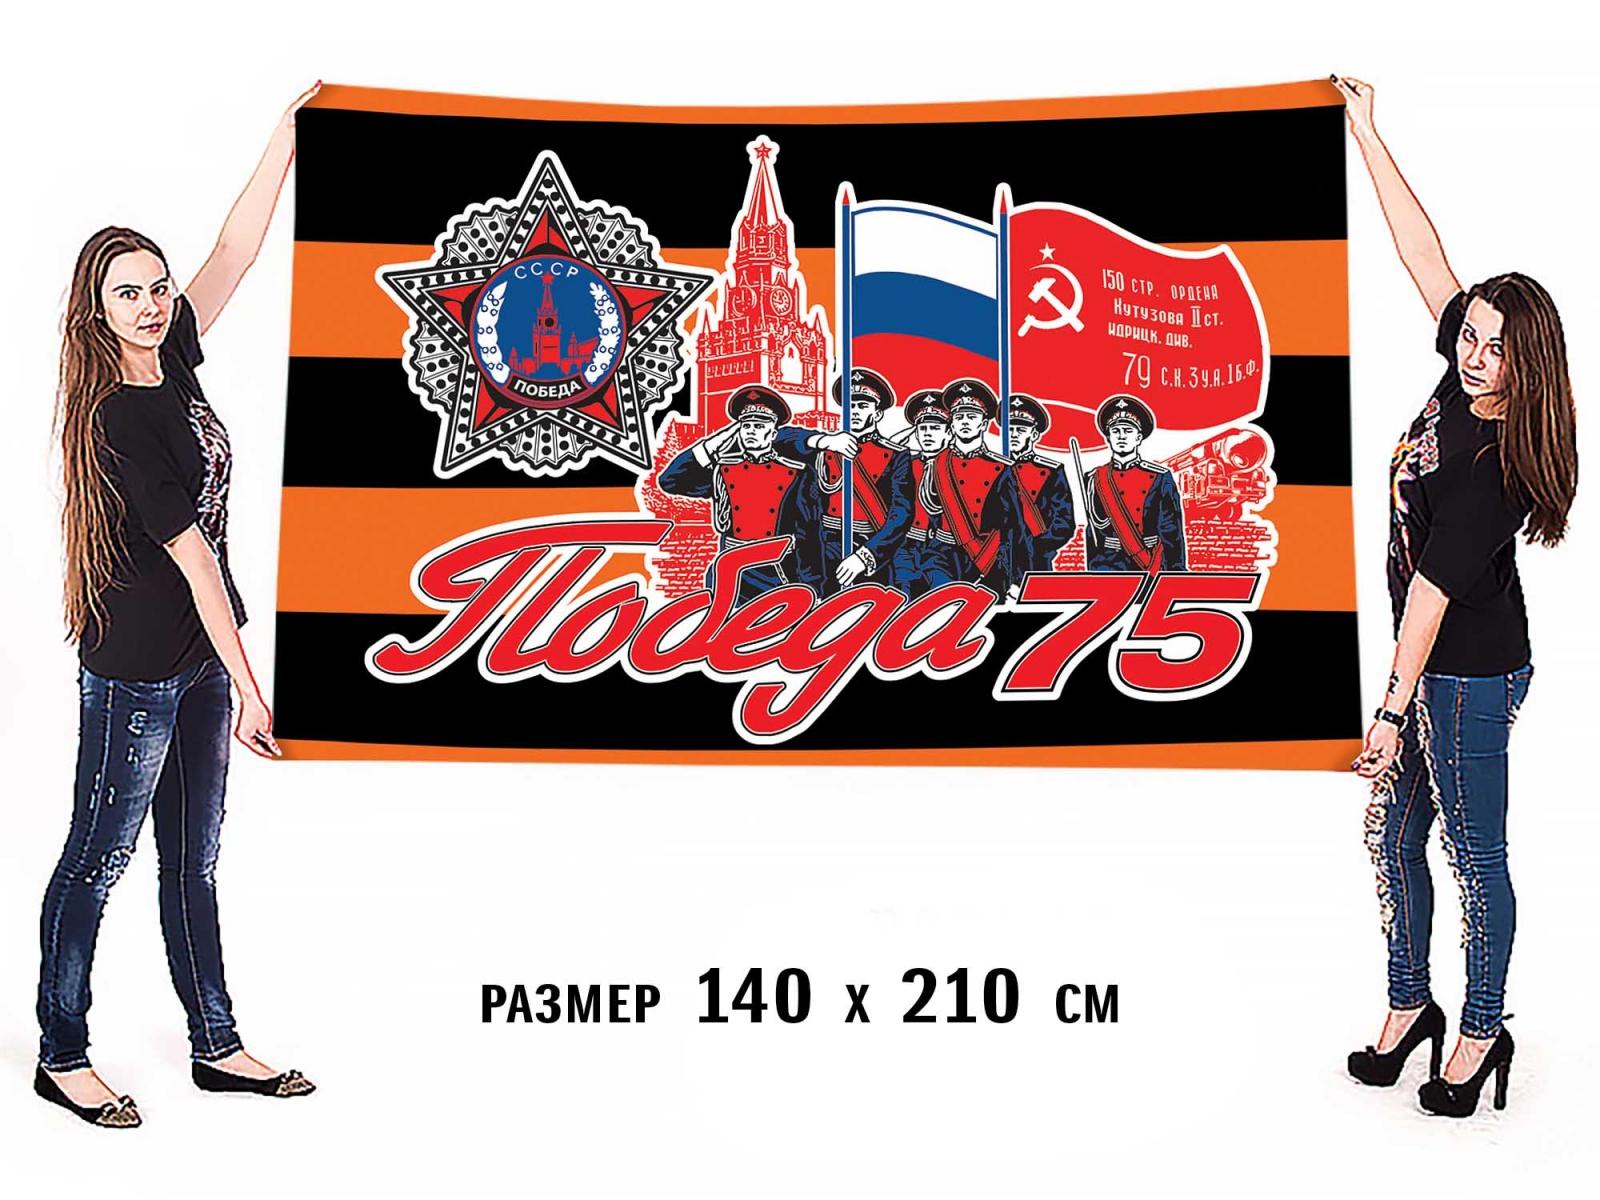 Юбилейный флаг «75 лет Победы» для шествия 9 мая